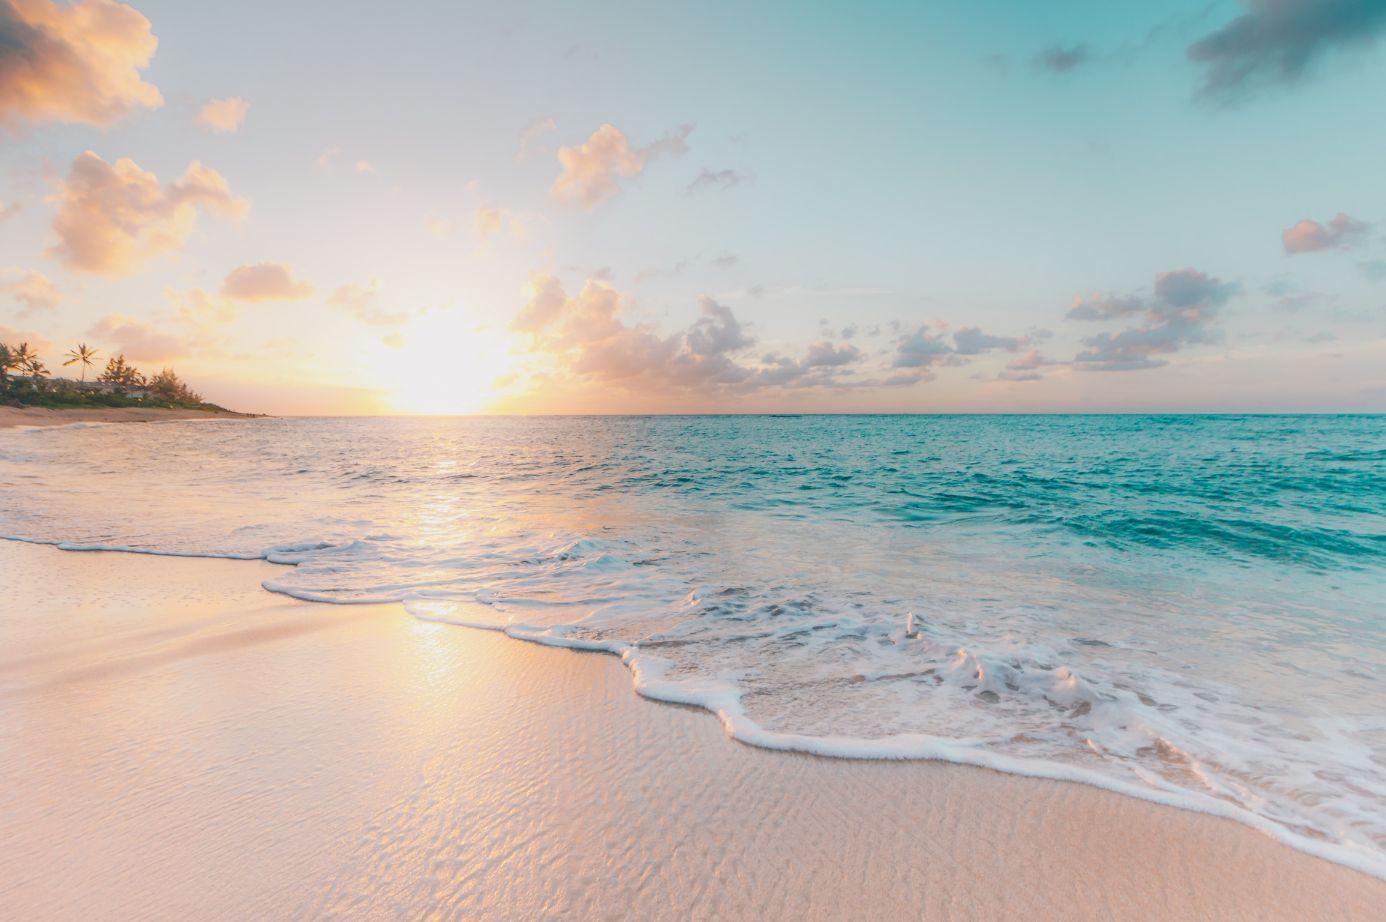 Calm breezy sunny beach